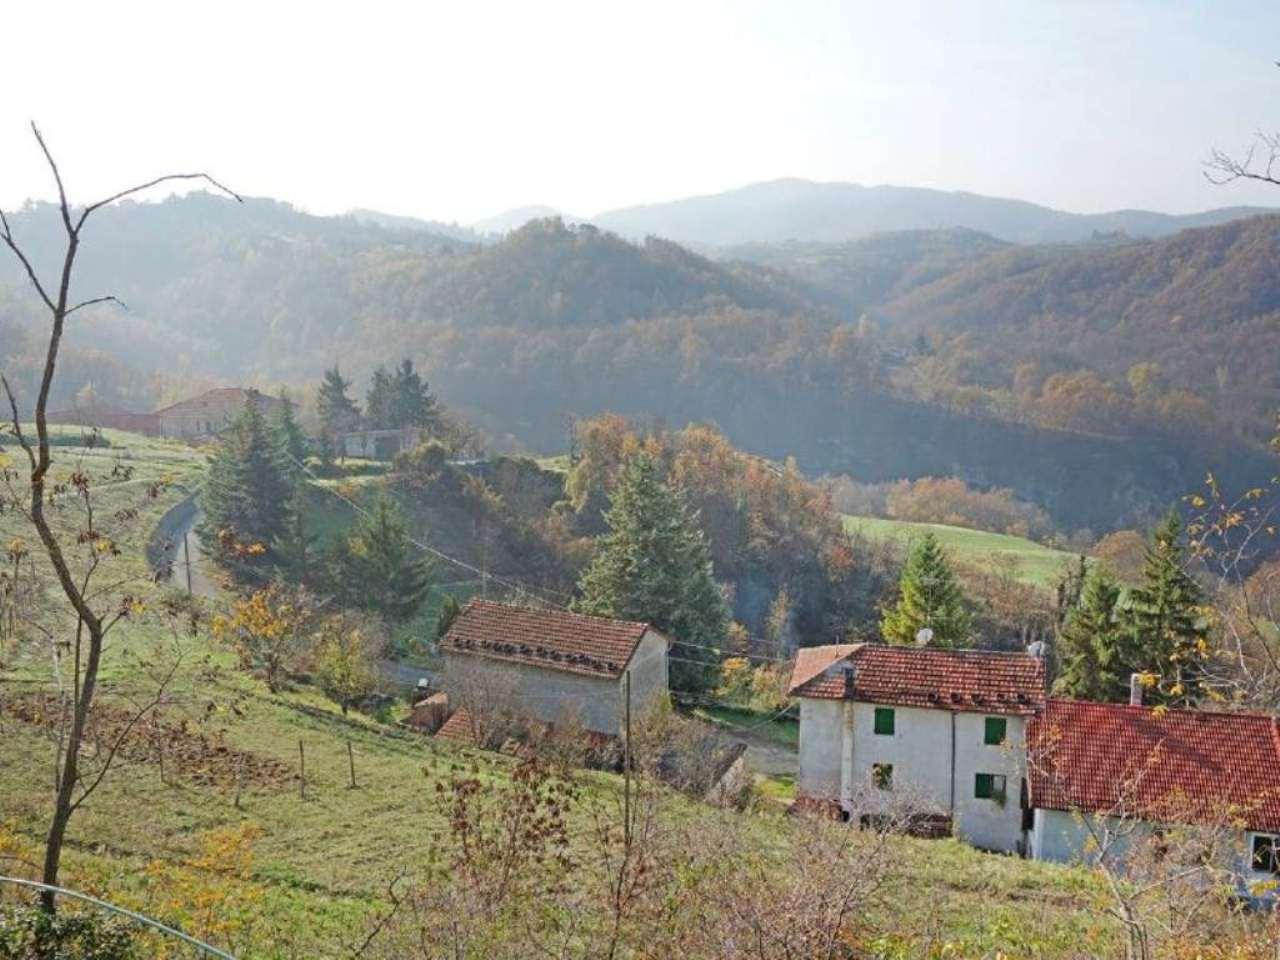 Villa in vendita a Prasco, 2 locali, prezzo € 45.000 | Cambio Casa.it